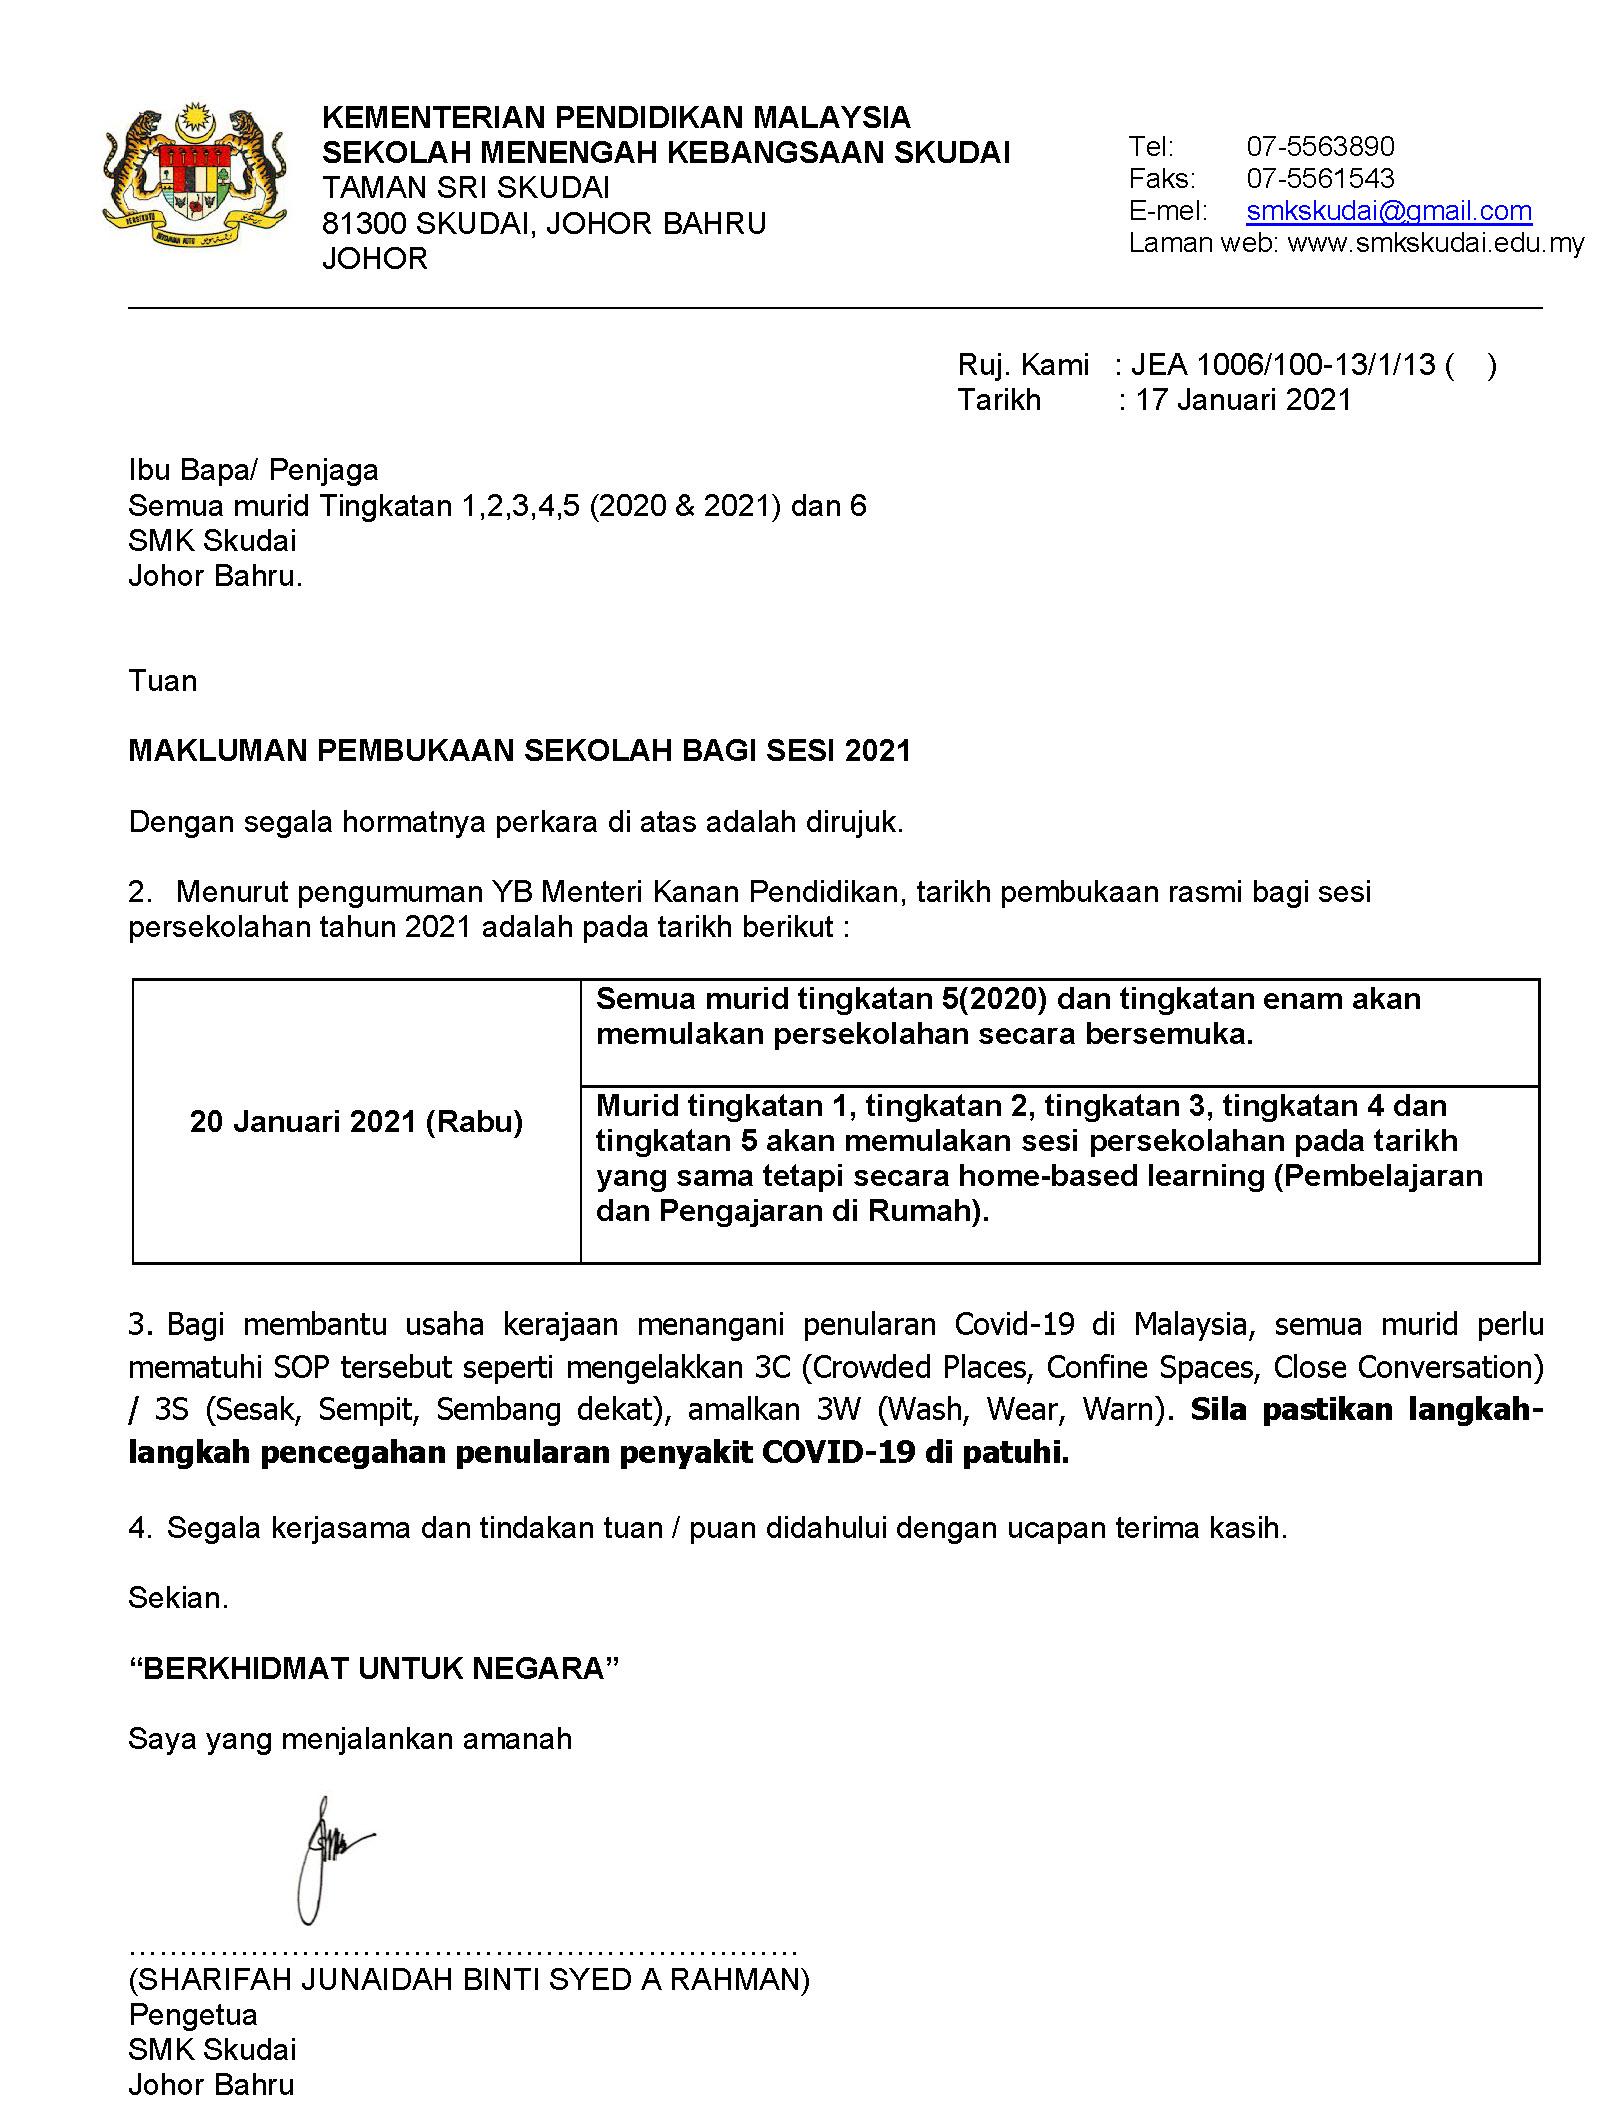 Makluman Pembukaan Sekolah bagi Sesi 2021 (17 Januari 2020)